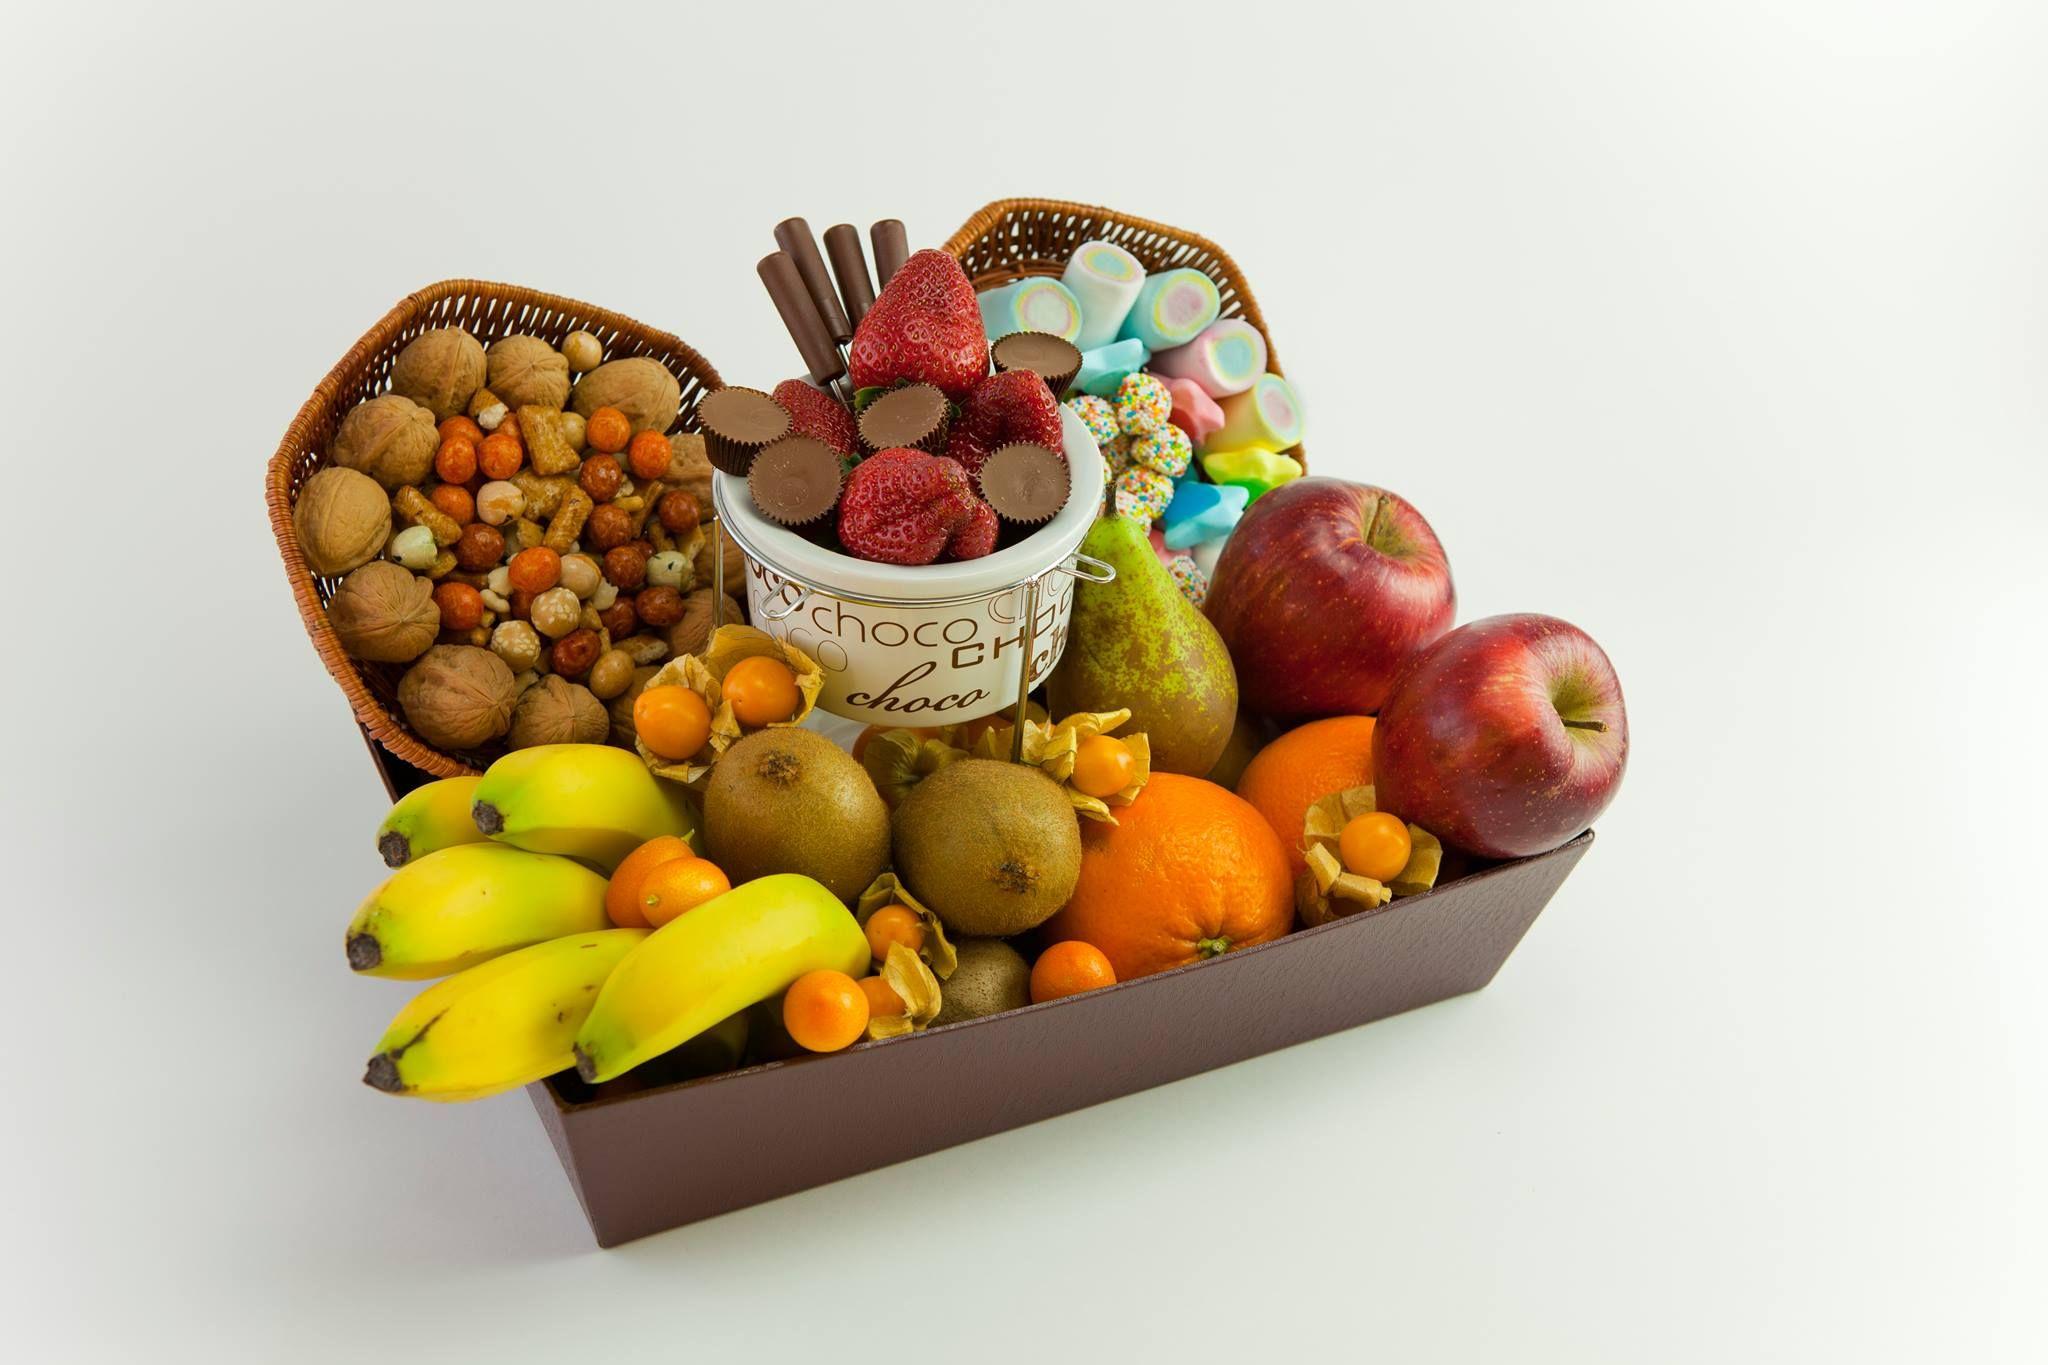 Pin De Fashion Fruit Em Cestas De Navidad Frutas Secas Cesta Dia Dos Namorados Cesta De Presente